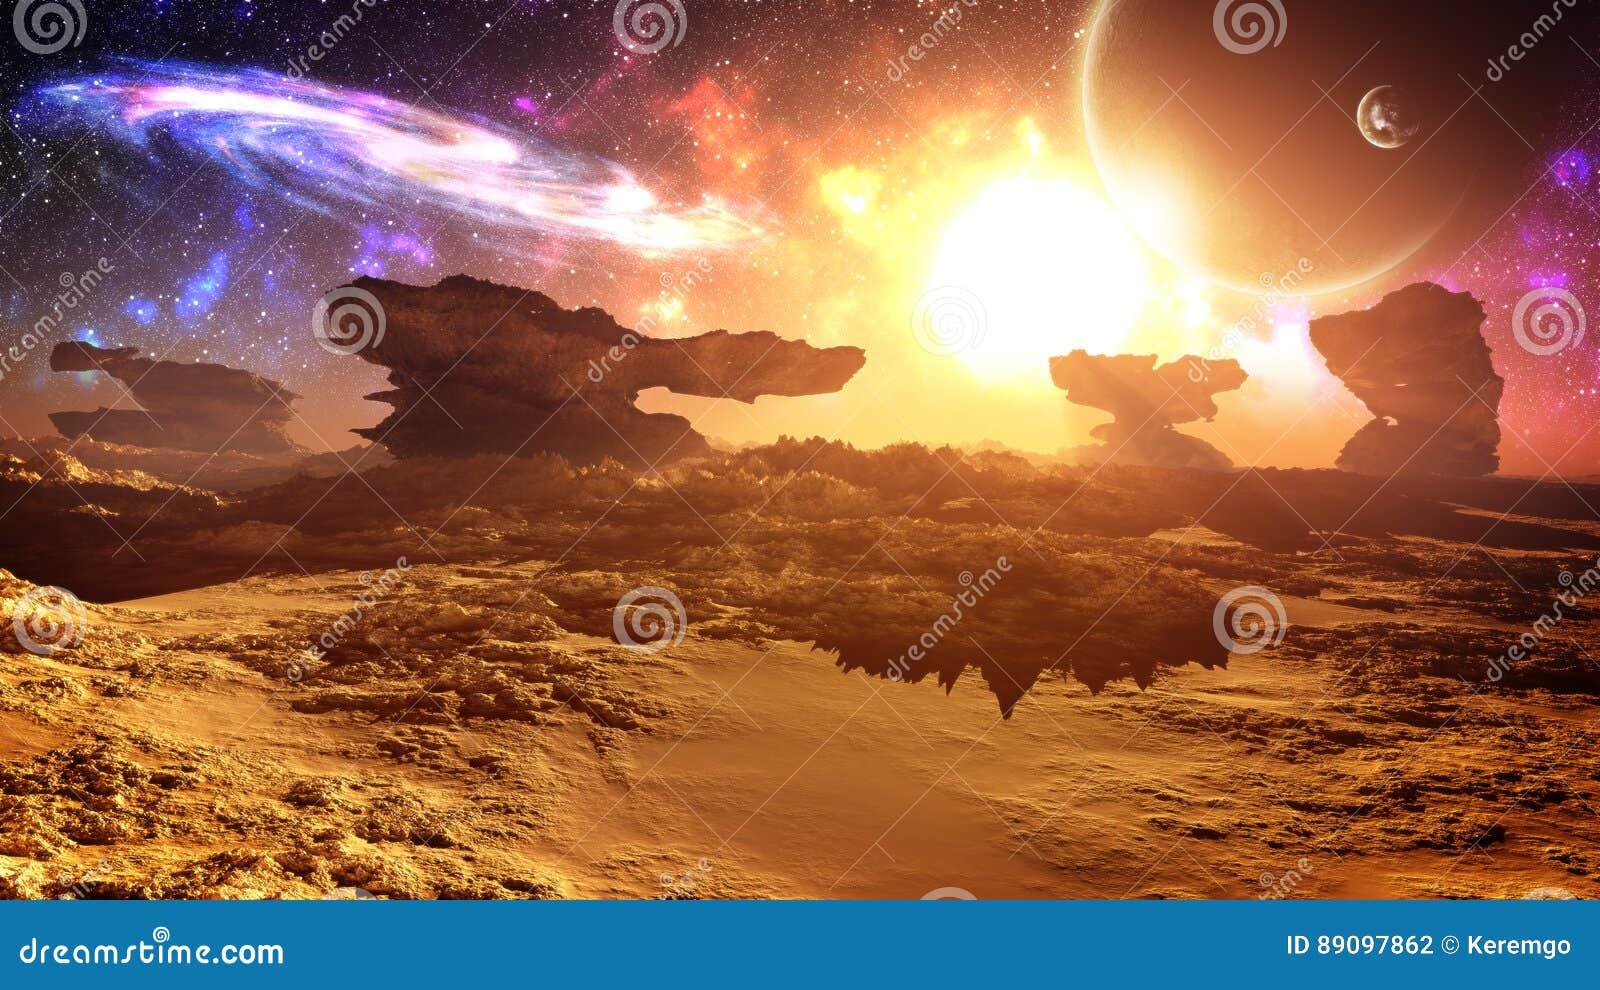 Epicki Chwalebnie Obcy planeta zmierzch Z galaktyką